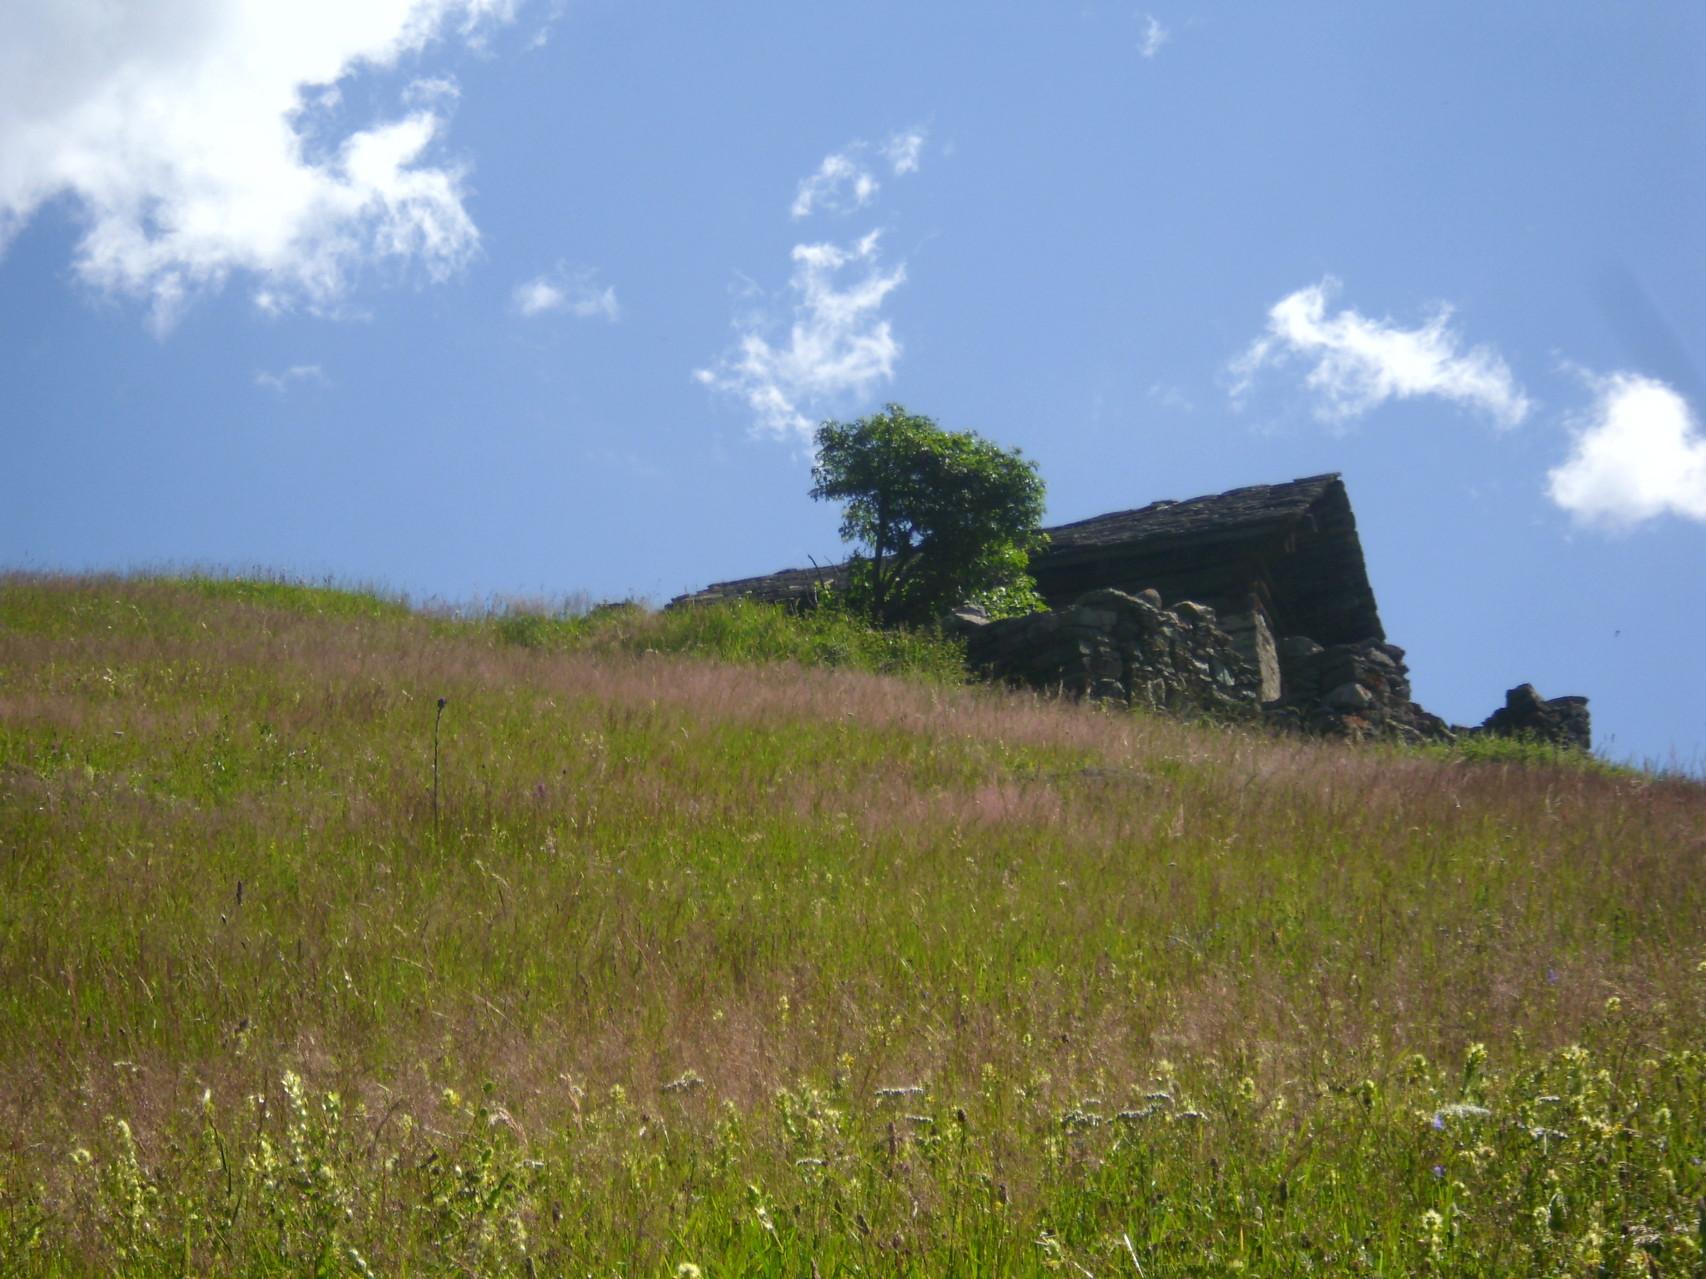 Auf der Alp gibt es einige Hütten, die teilweise bewohnt sind. Man sieht aber kaum je einen Menschen dort.